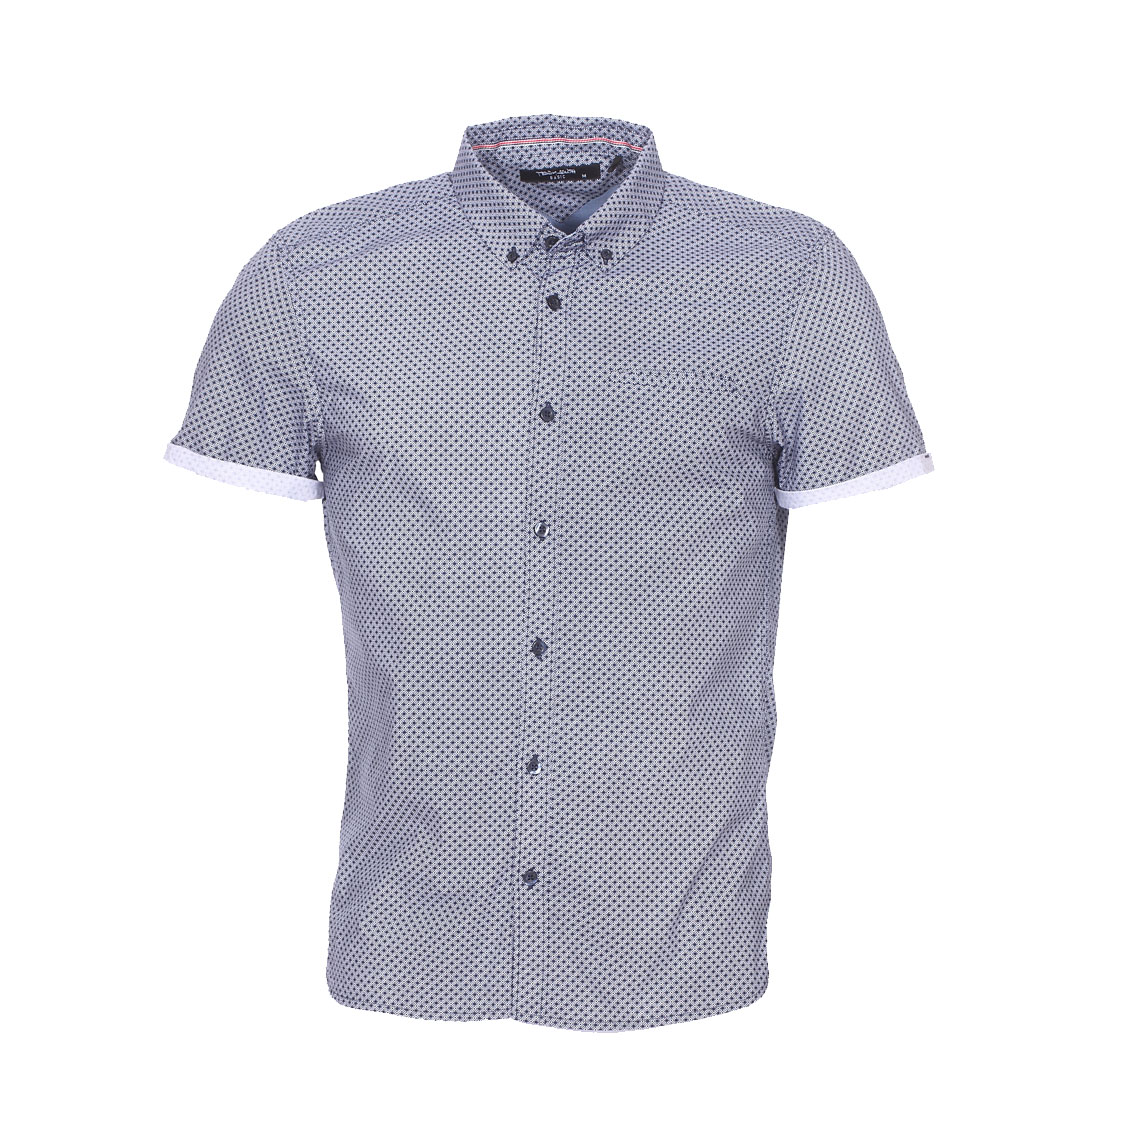 Chemise manches courtes ajustée  cut en coton bleu marine à motifs graphiques blancs